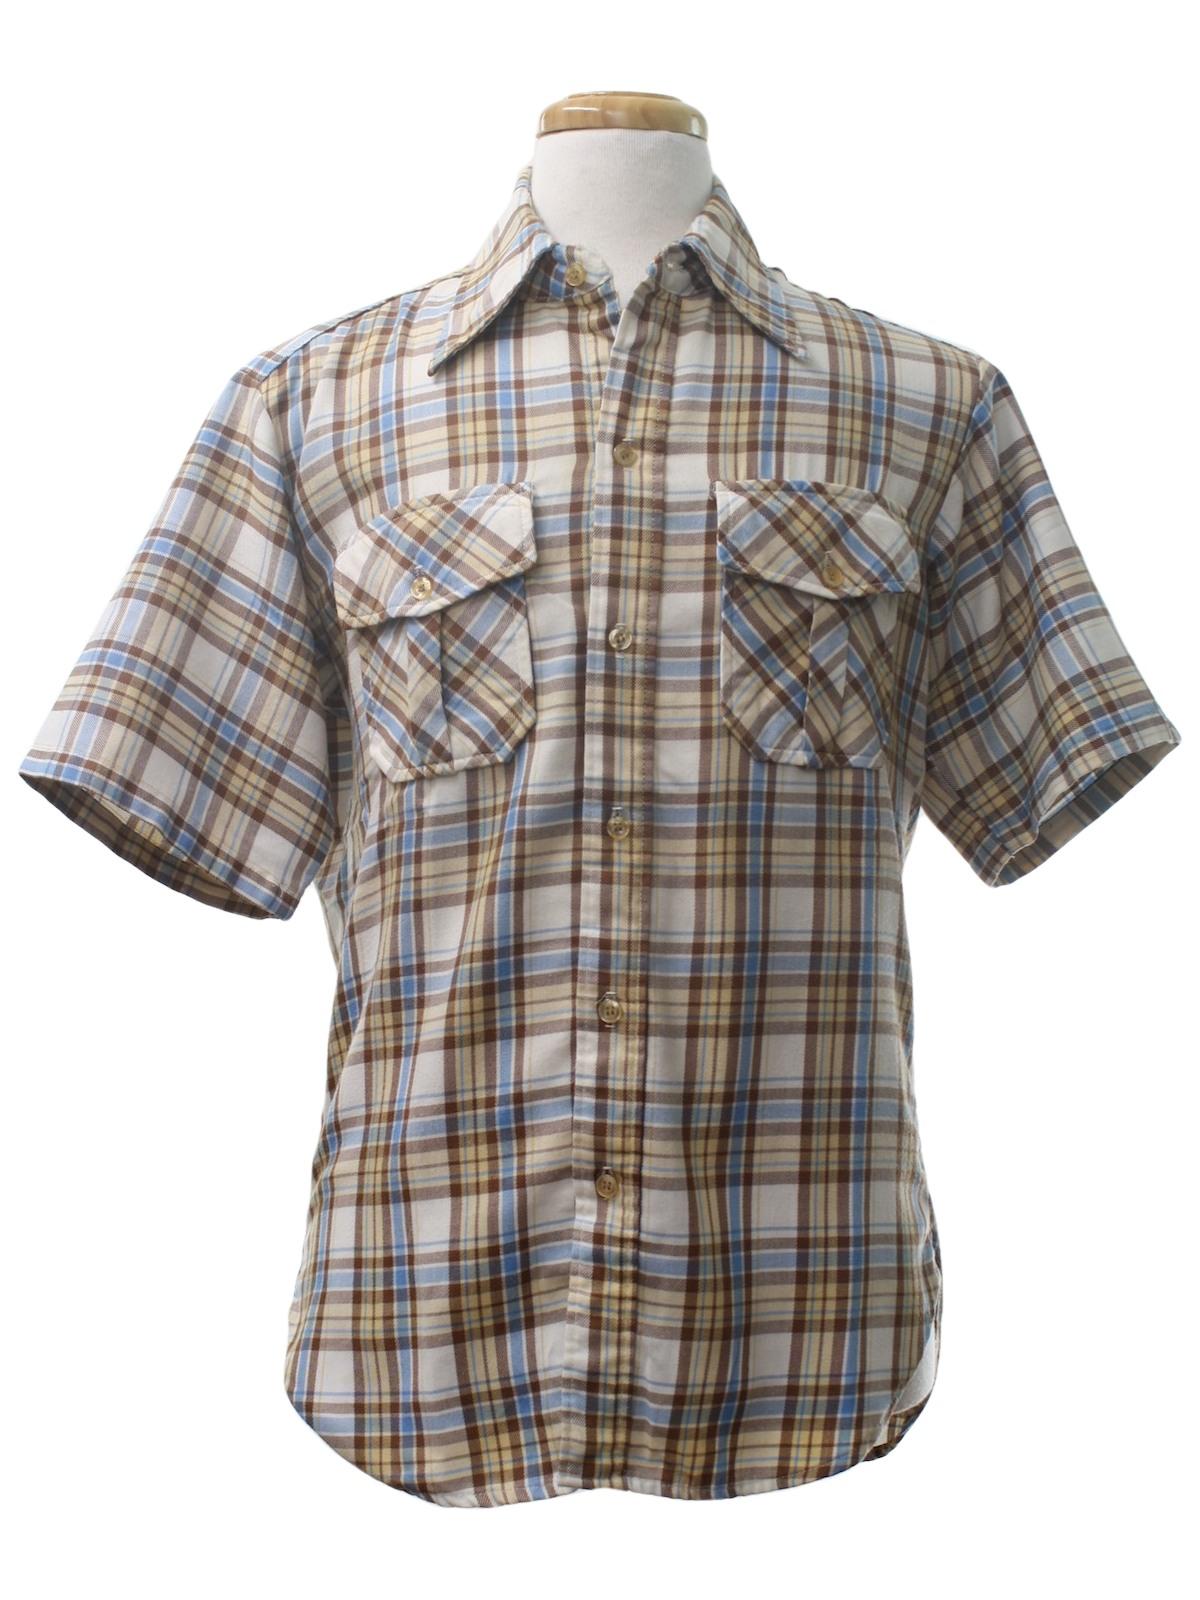 Retro 90 S Shirt 90s Eddie Bauer Mens Off White Background With